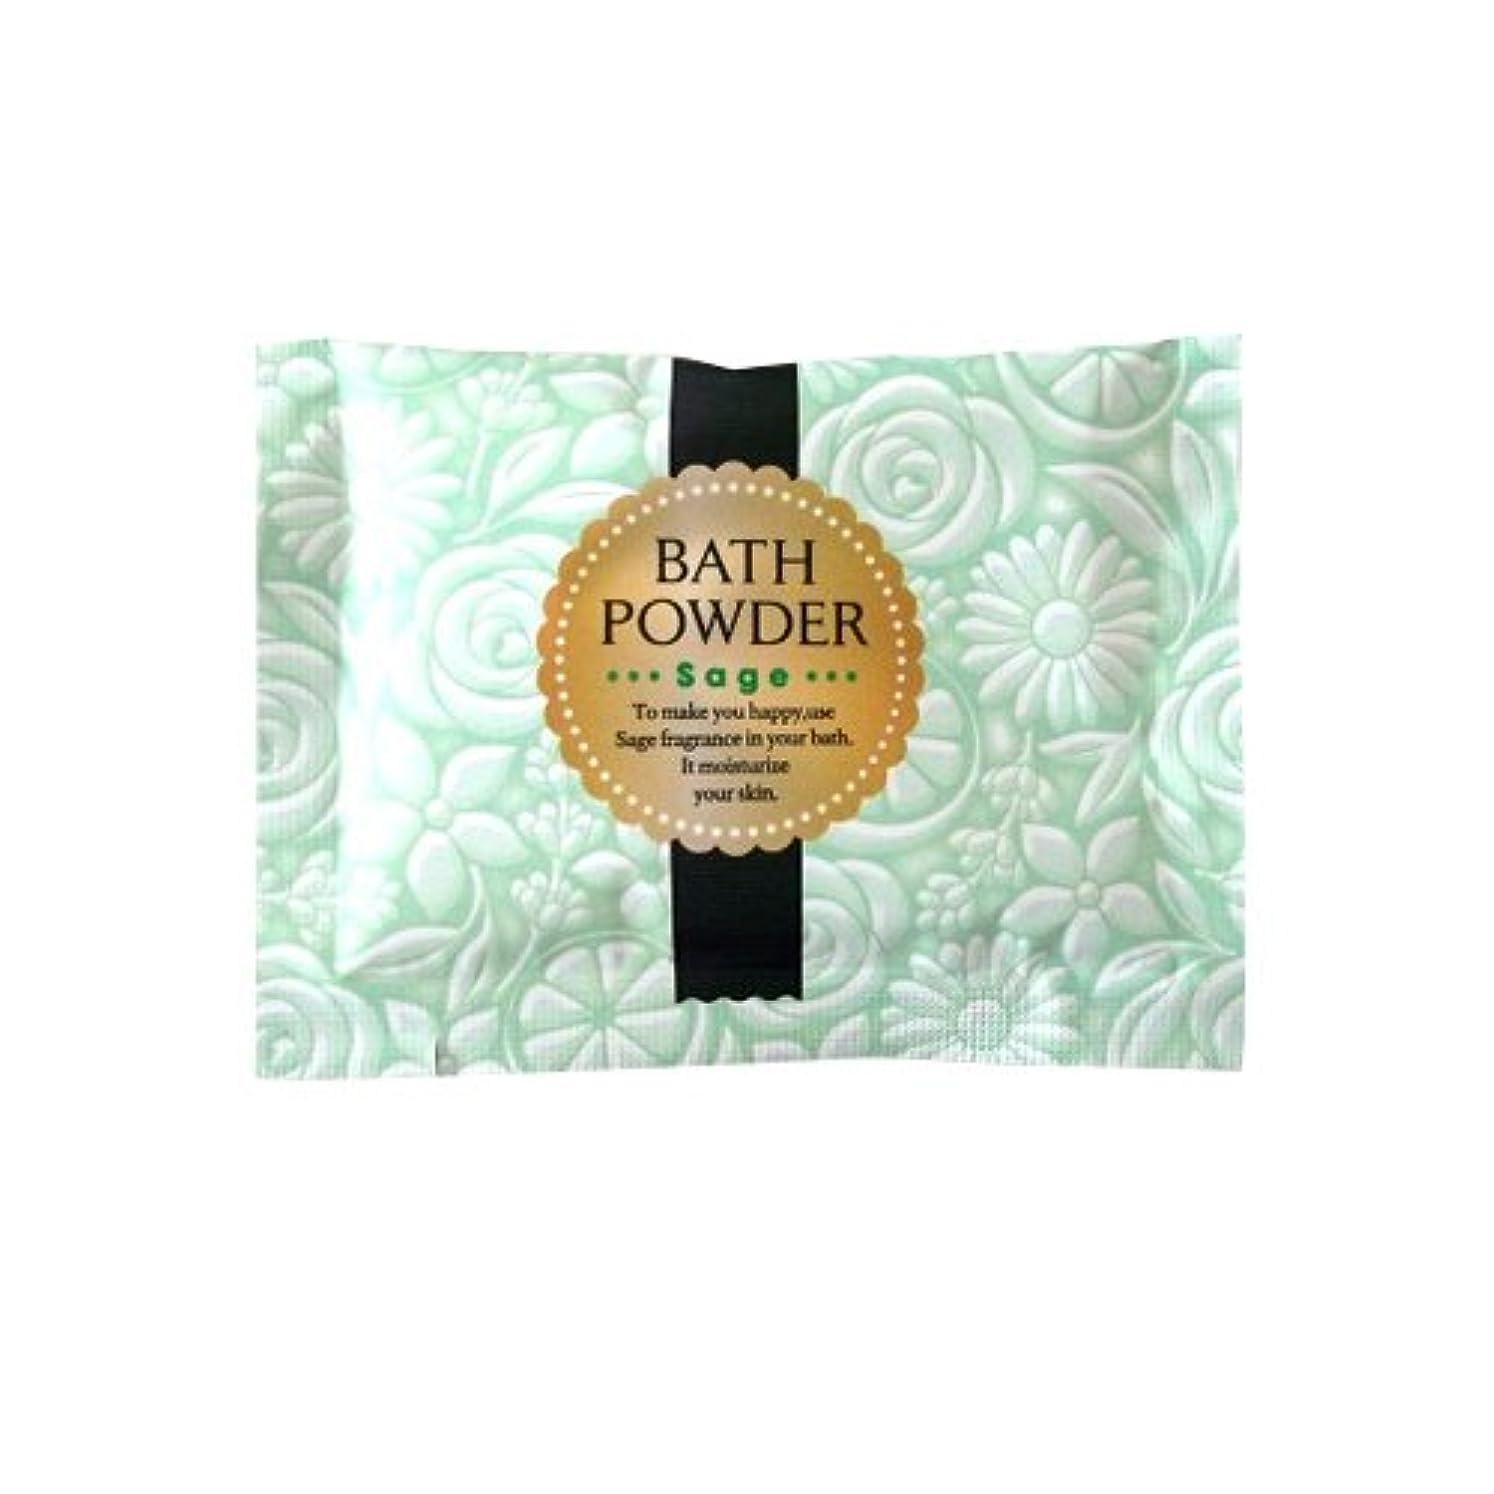 アルコール付属品そのような入浴剤 LUCKY BATH (ラッキーバス) 25g セージの香り